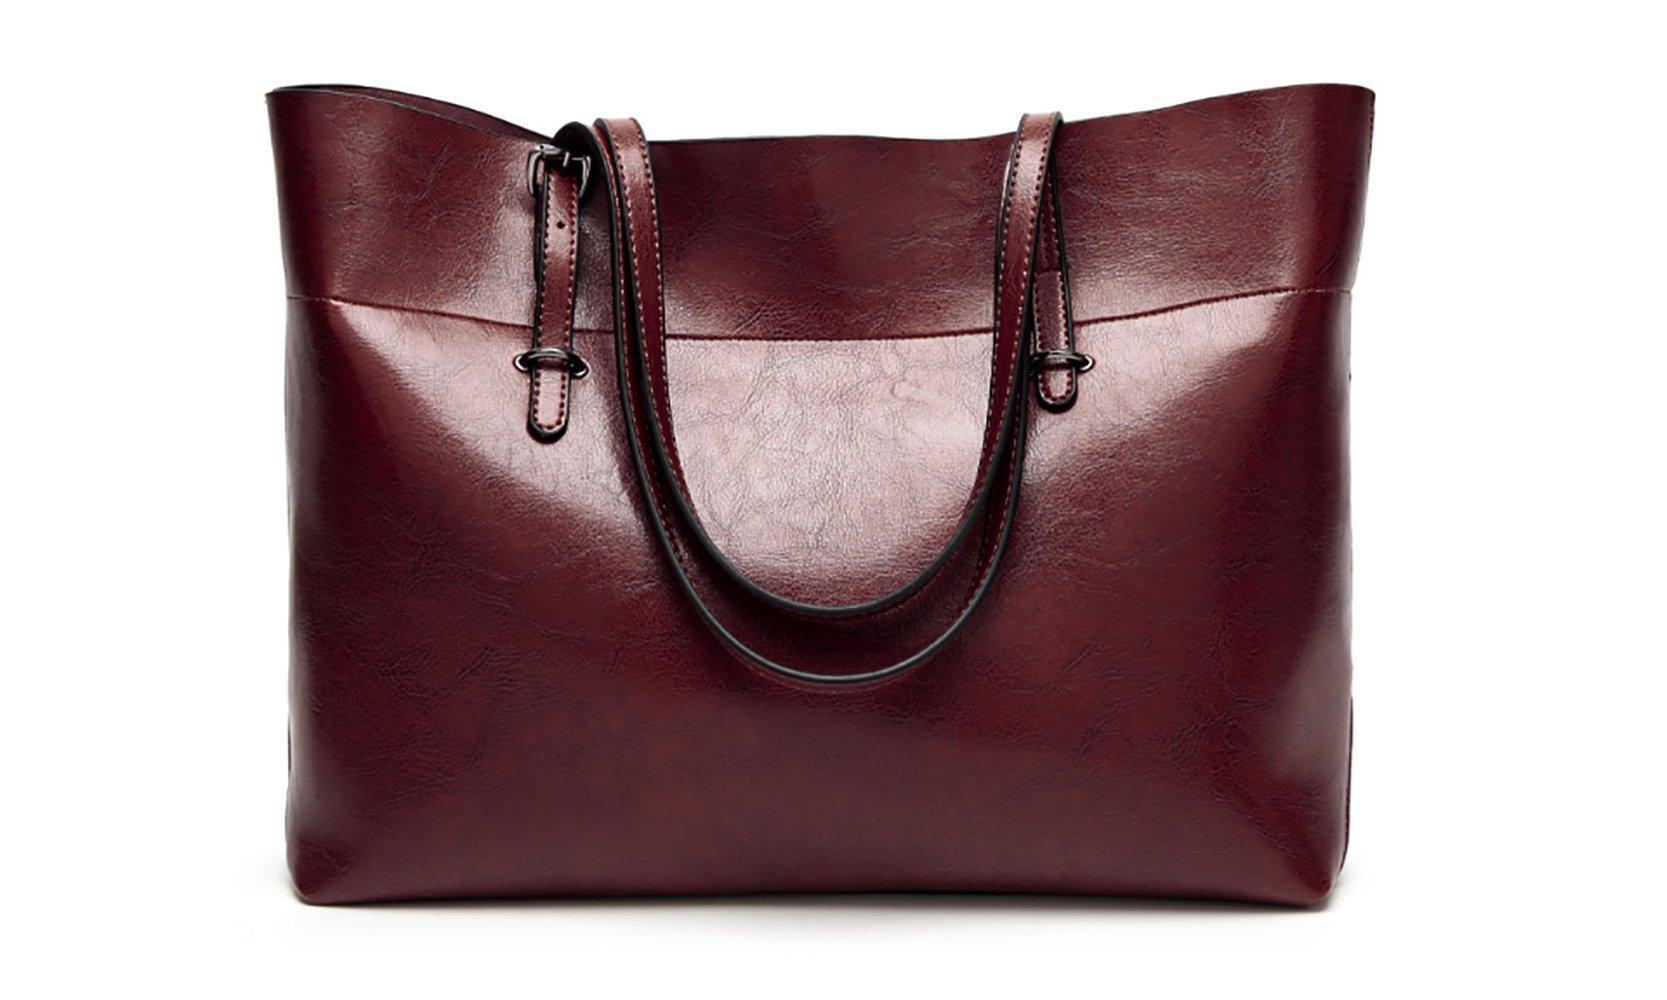 Women's Vintage Fine Fibre Genuine Leather Bag Tote Shoulder Bag Handbag Model Sie Coffee